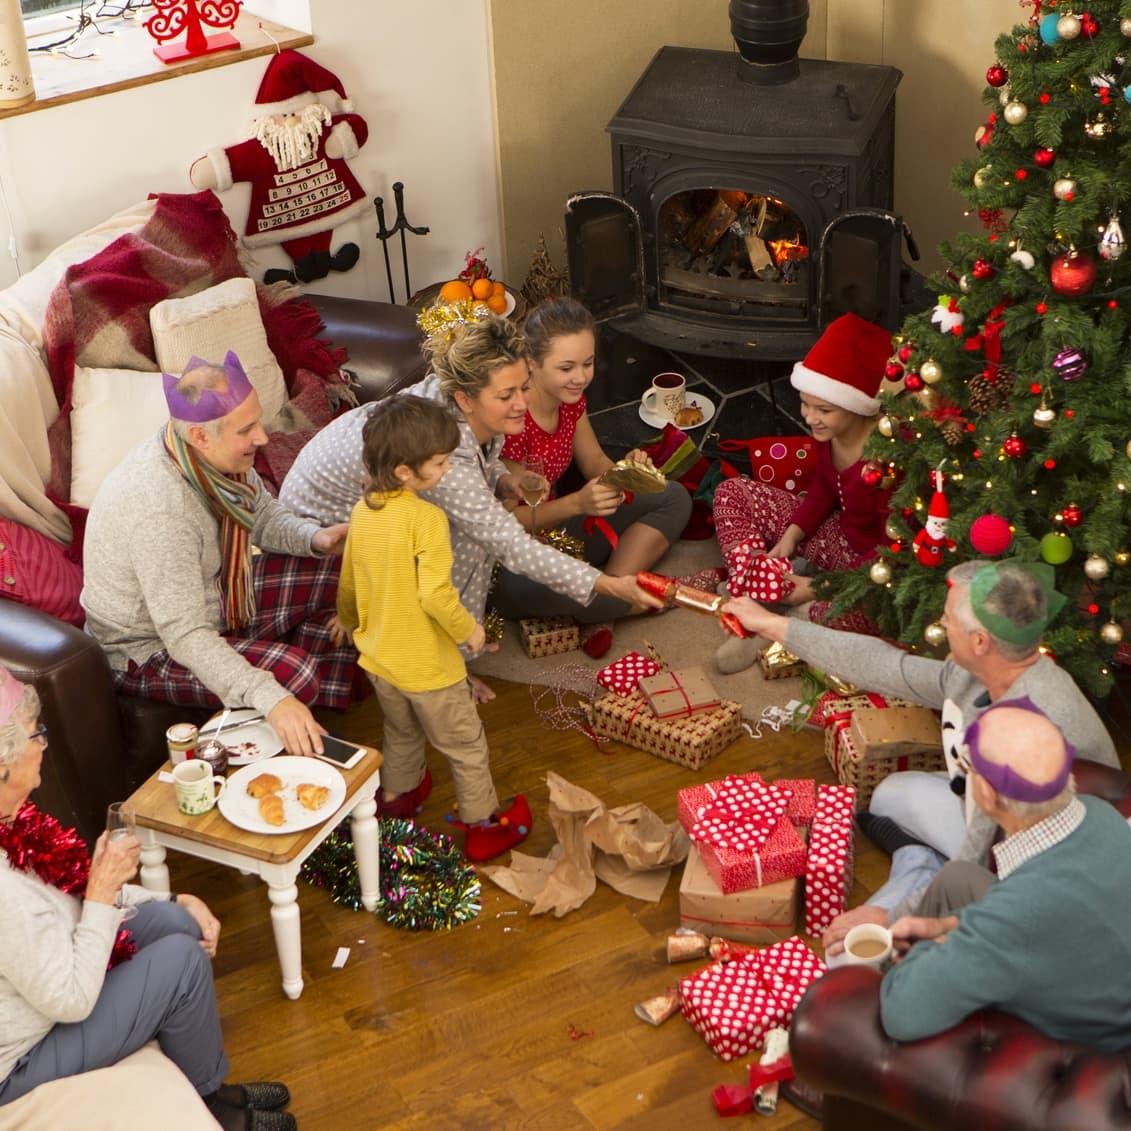 Des Jeux Pour Un Noel Anime Coup De Pouce